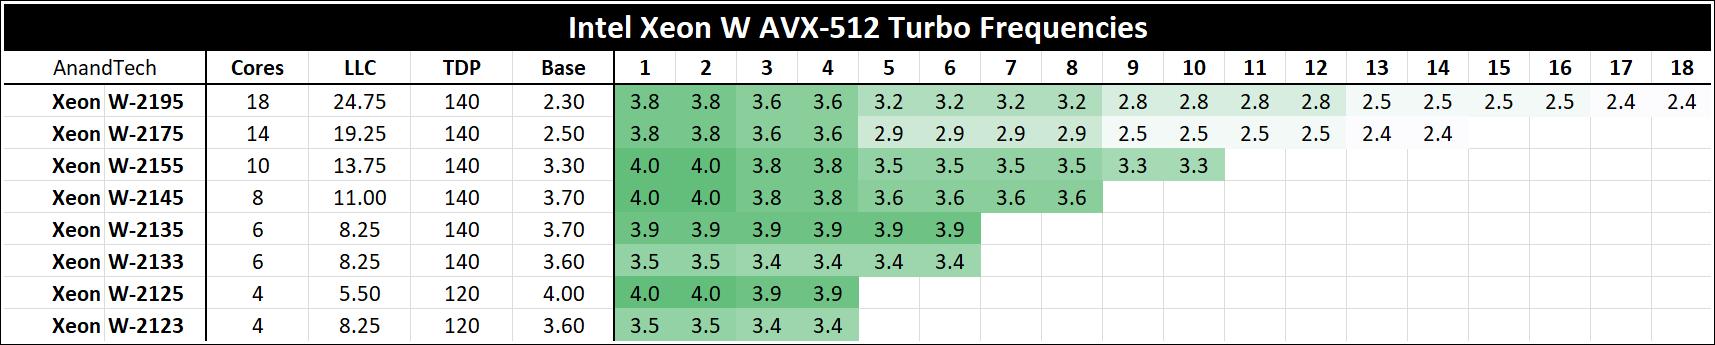 The Intel Xeon W Review: W-2195, W-2155, W-2123, W-2104 and W-2102